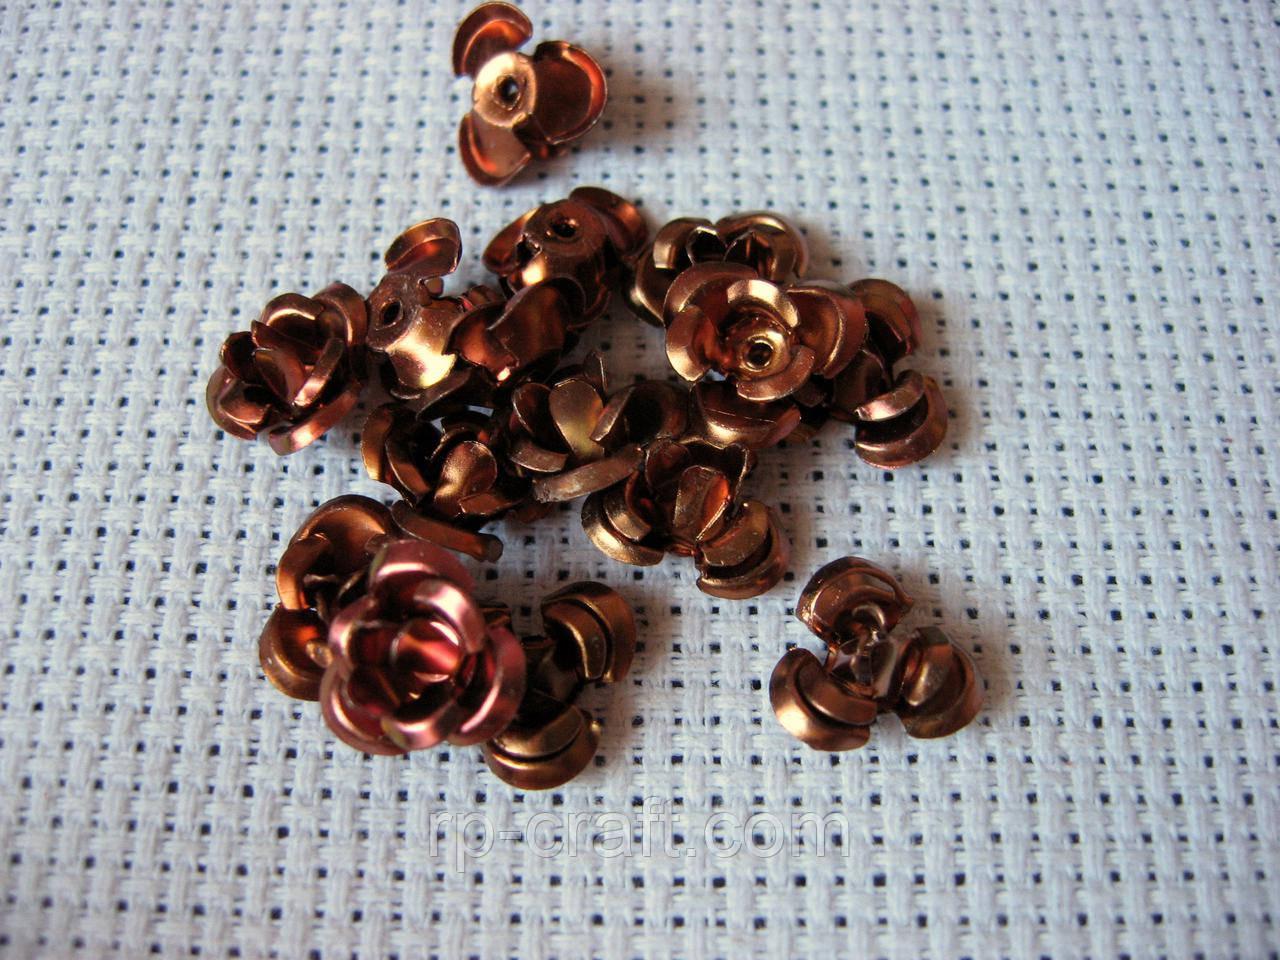 Копия Роза алюминиевая. Коричневая, 10 мм